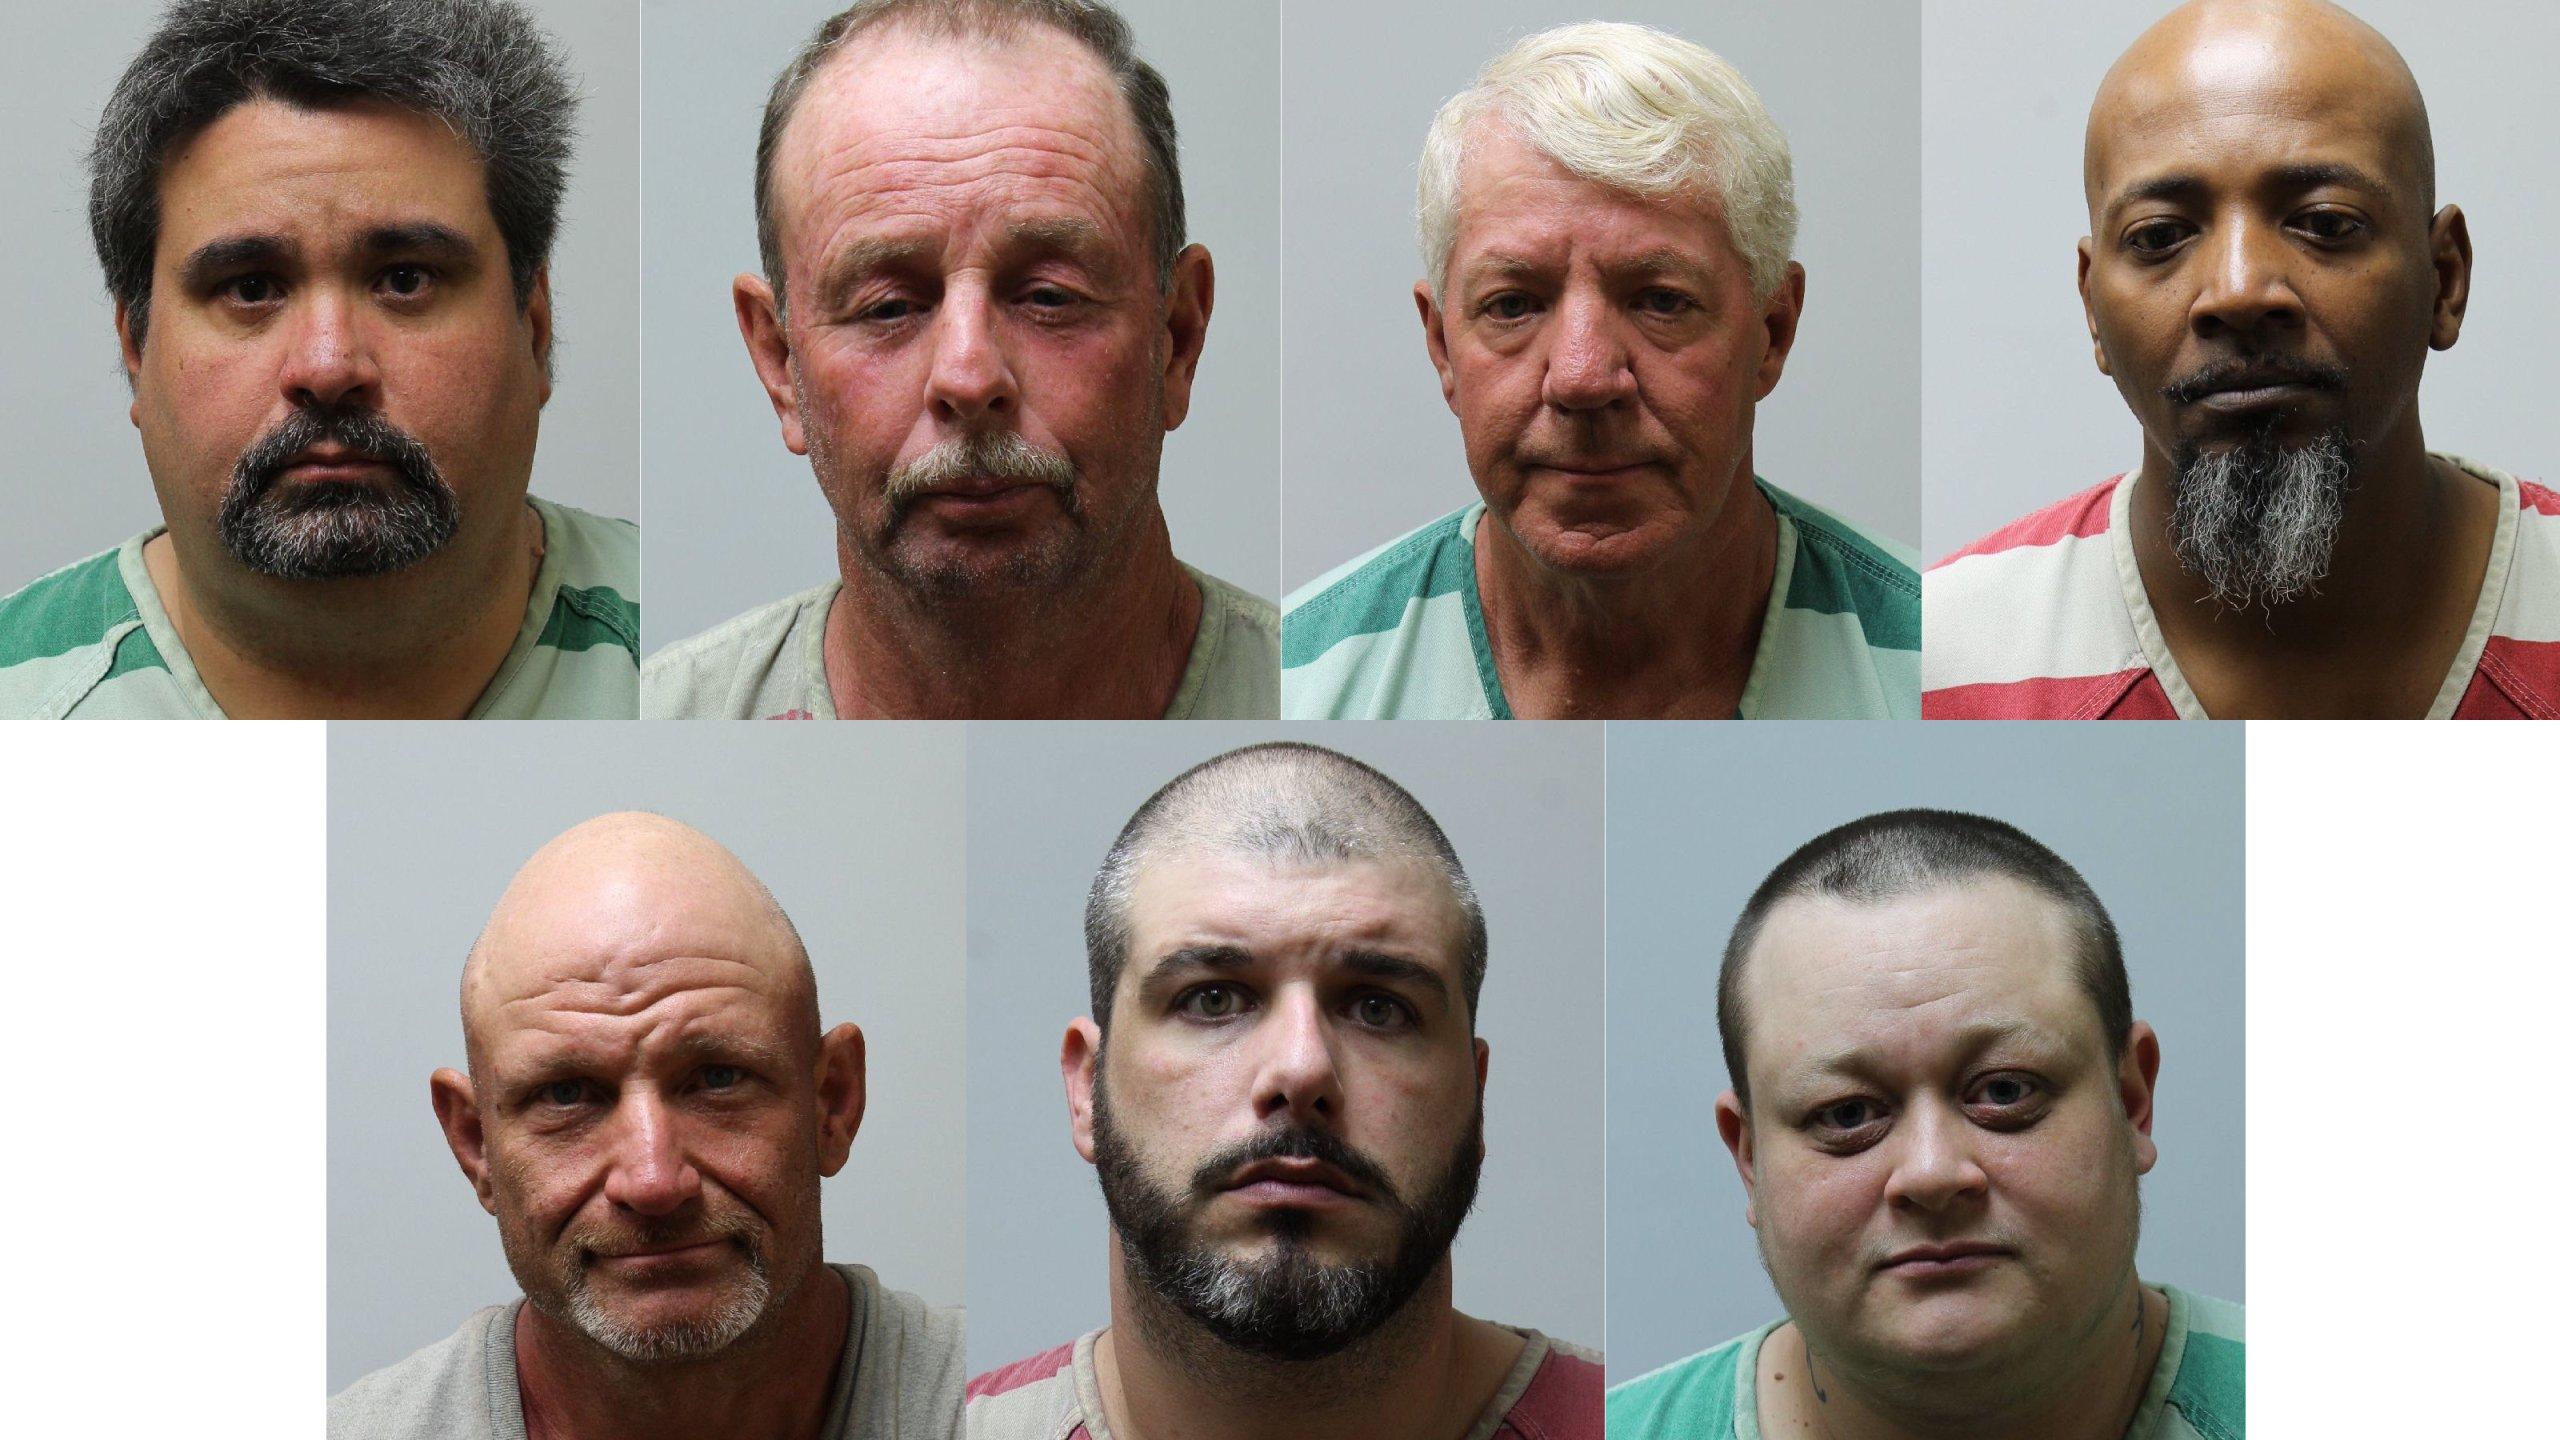 sex offender compliance arrests april 2019_1555377042222.jpg.jpg